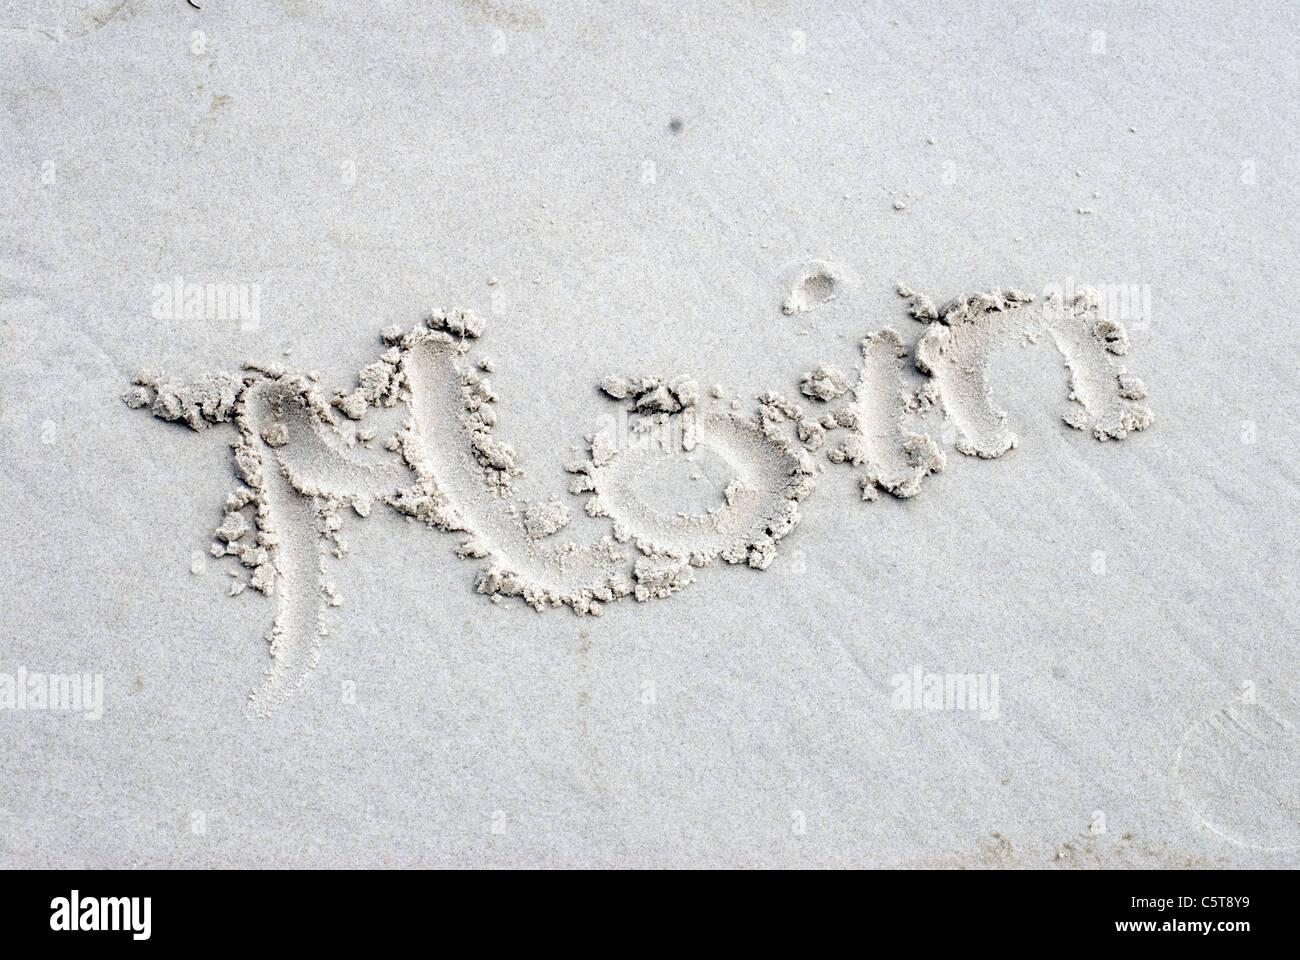 Germania, Amrum, la parola Moin scritto in sabbia Immagini Stock